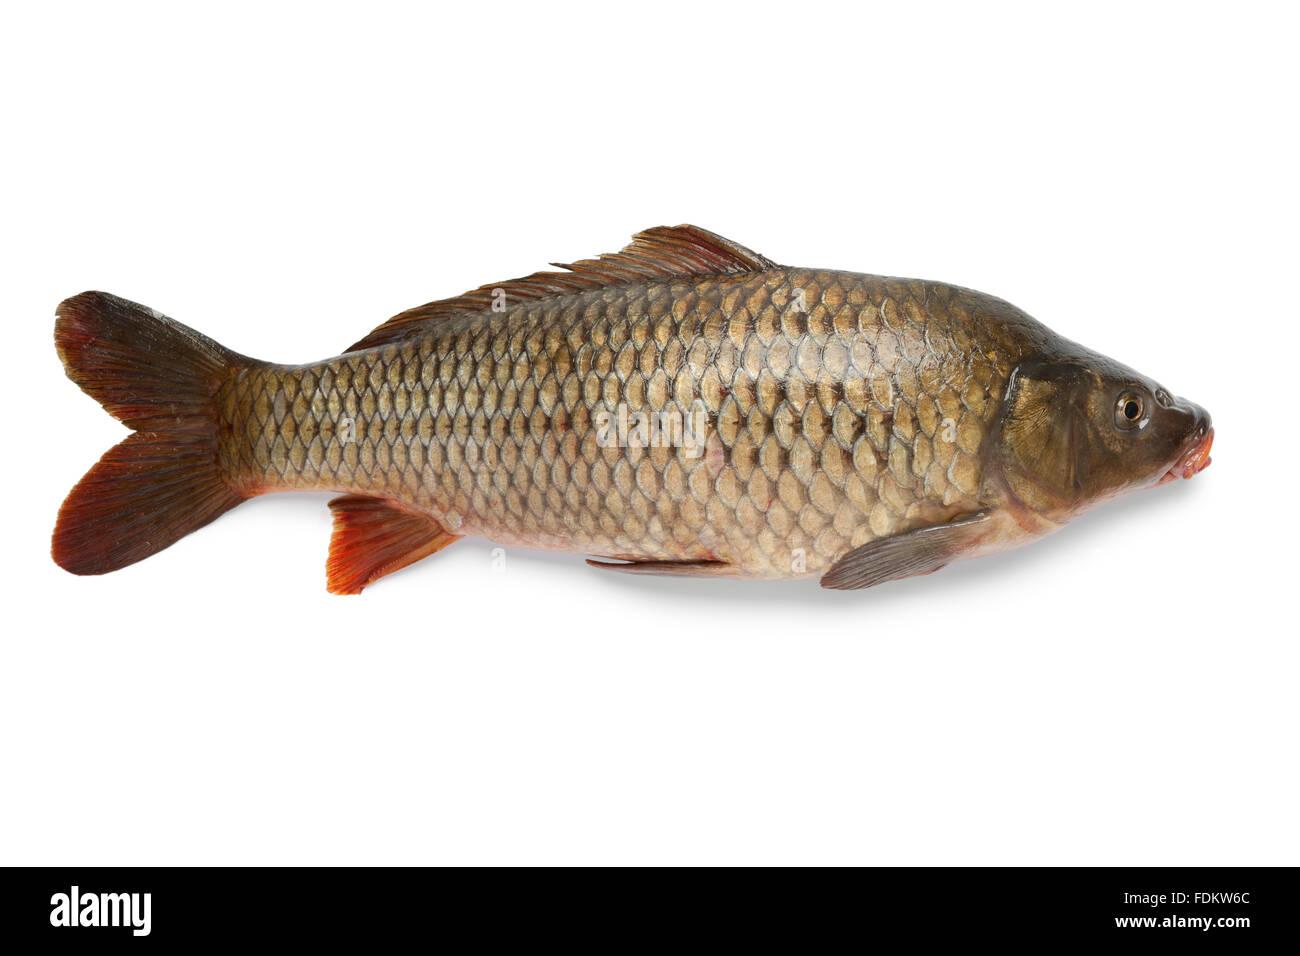 Single fresh whole carp fish at white background Stock Photo